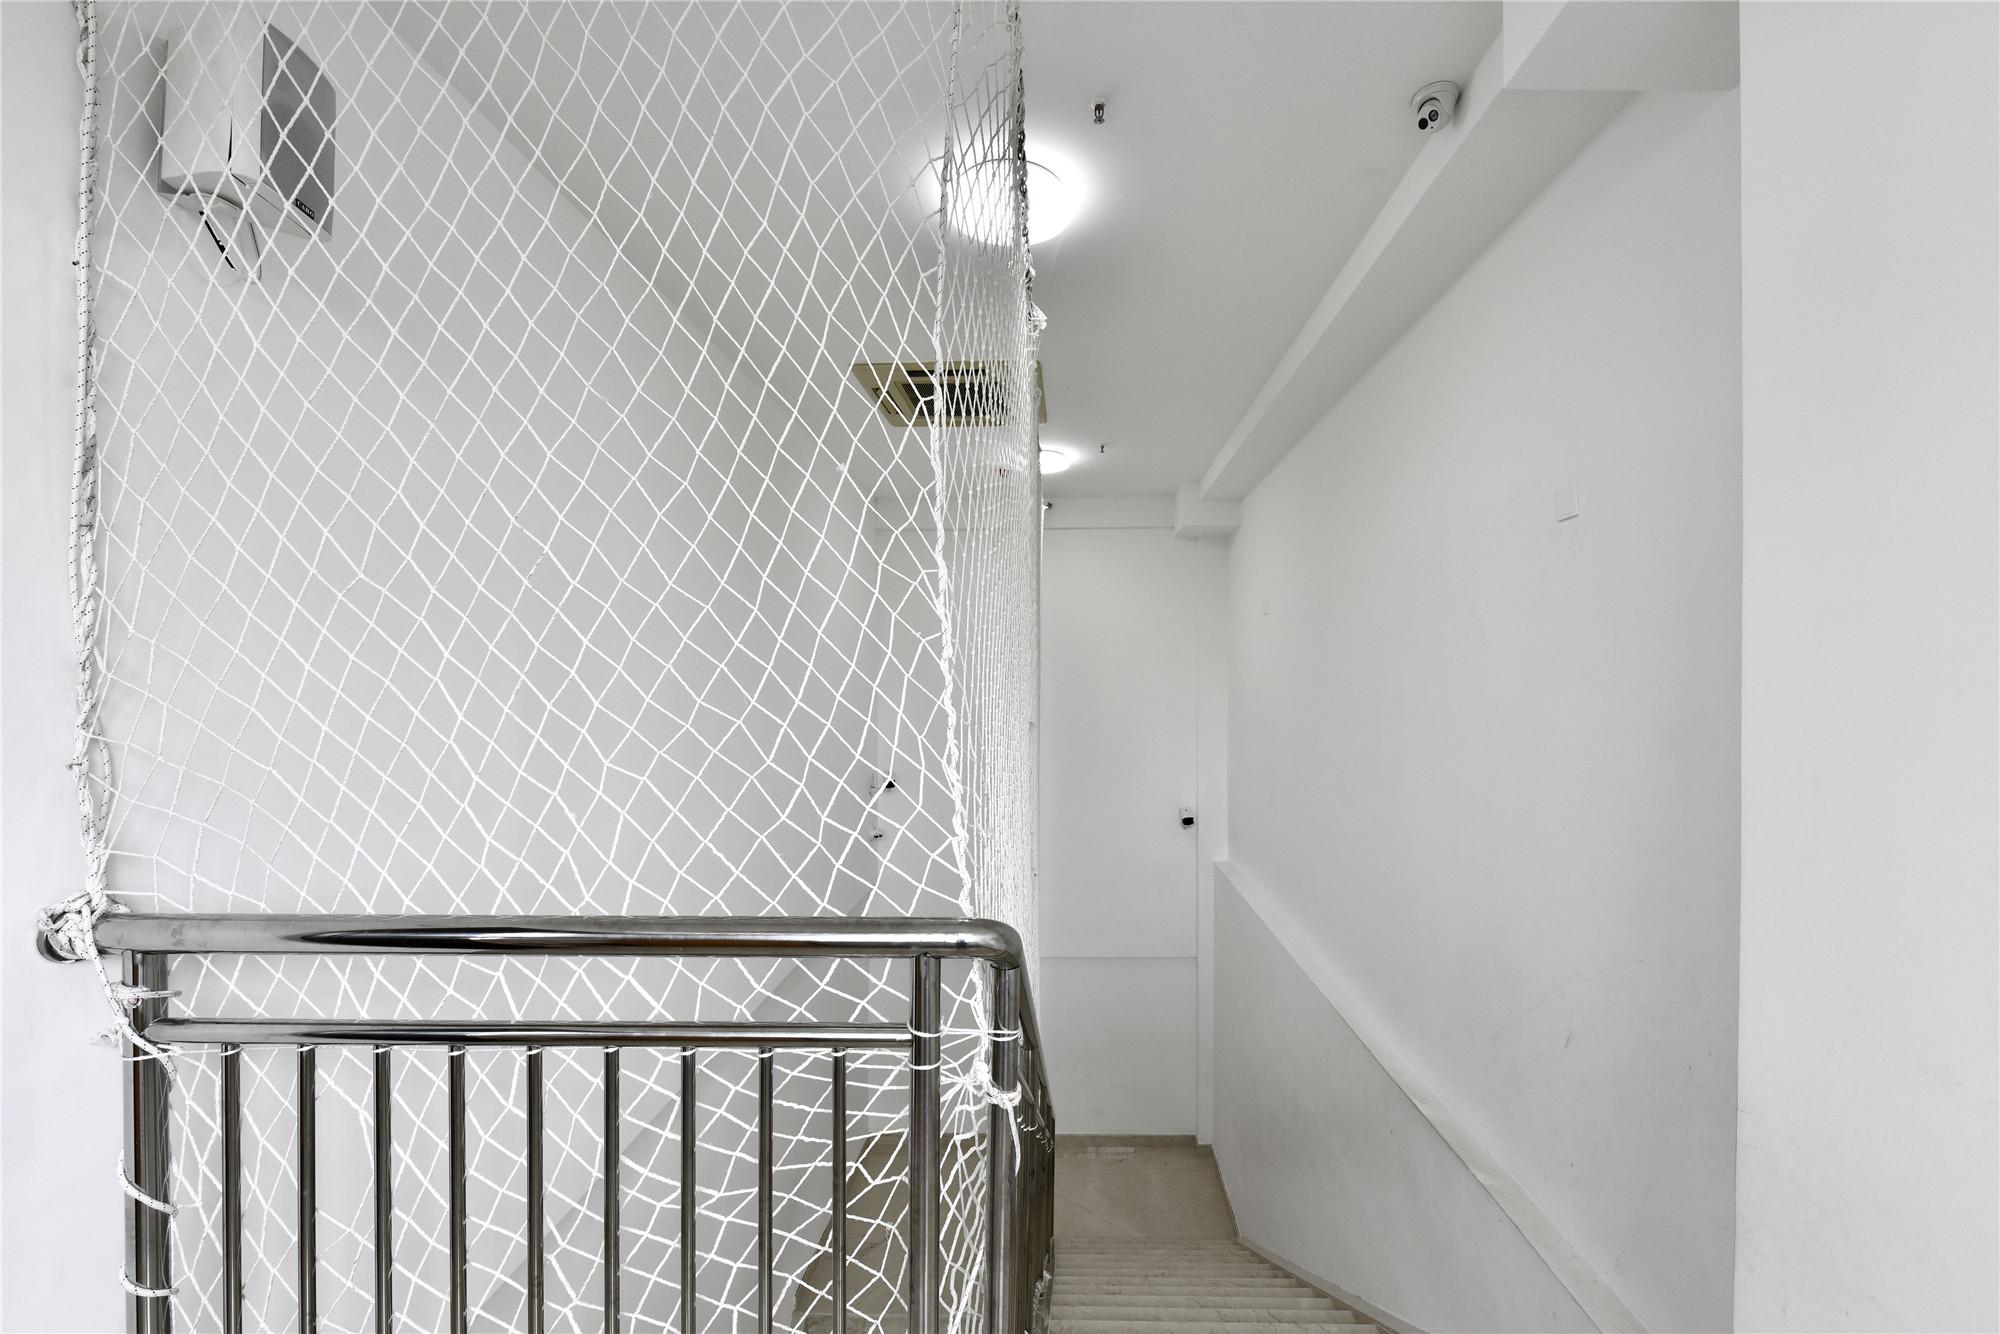 楼梯防护网